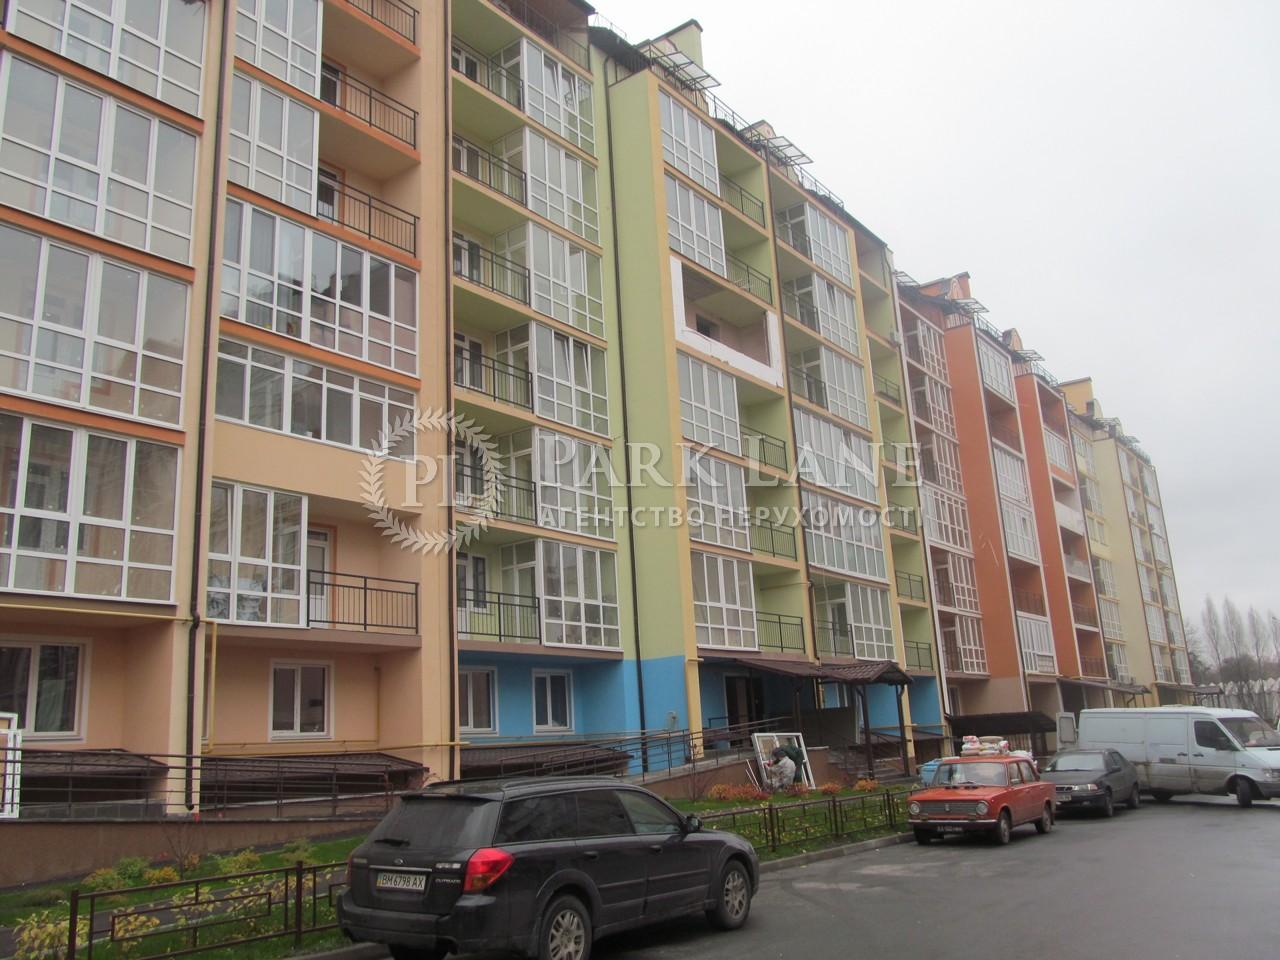 Квартира ул. Лебедева Академика, 1 корпус 7, Киев, A-108228 - Фото 1